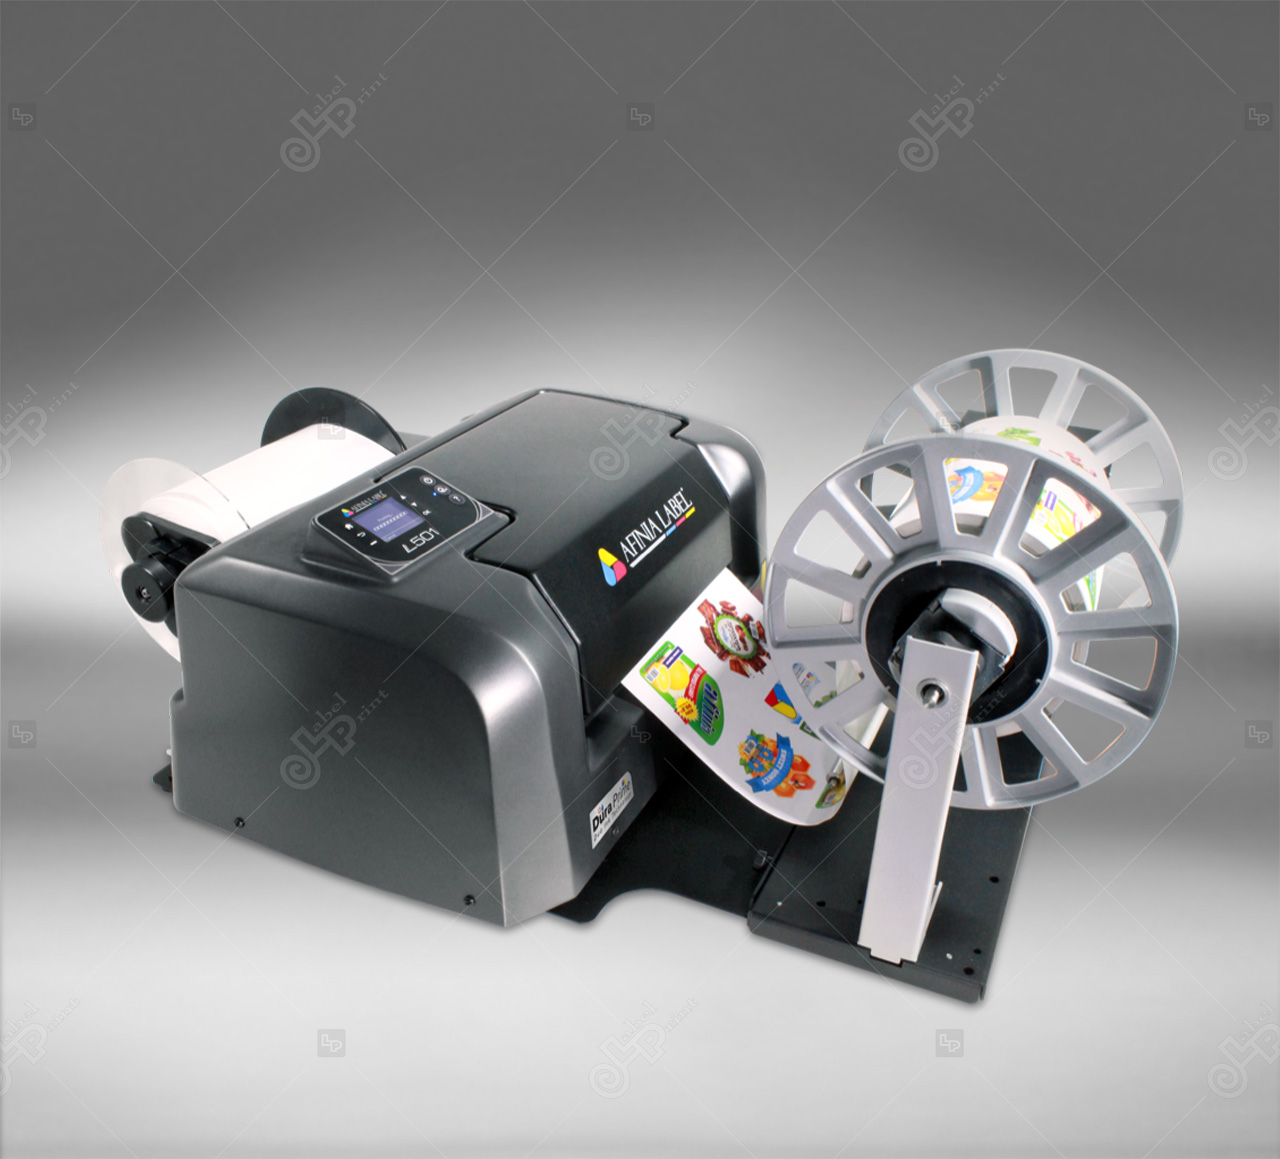 imprimanta etichete color